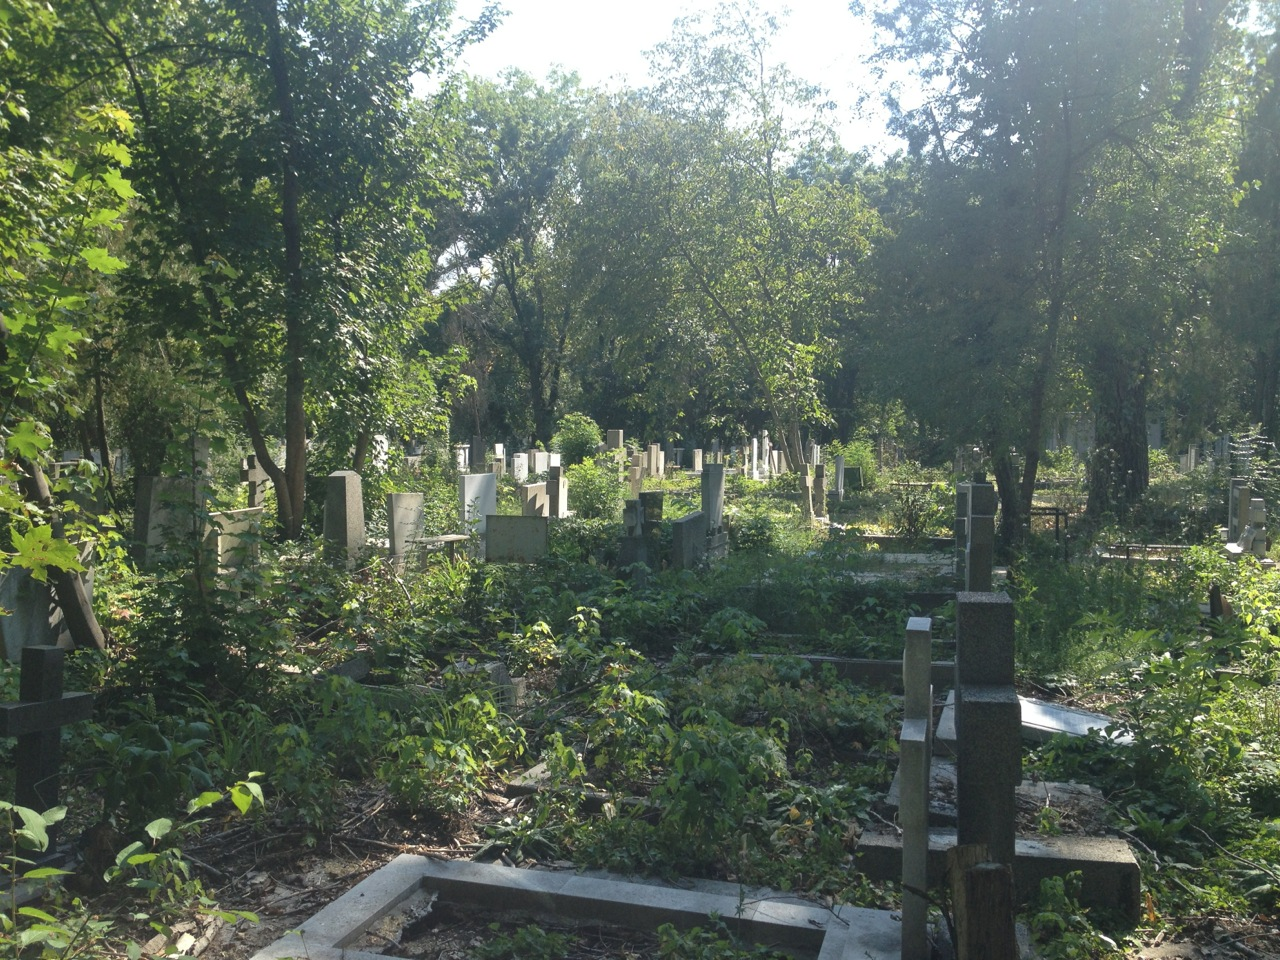 Central Sofia Cemetery